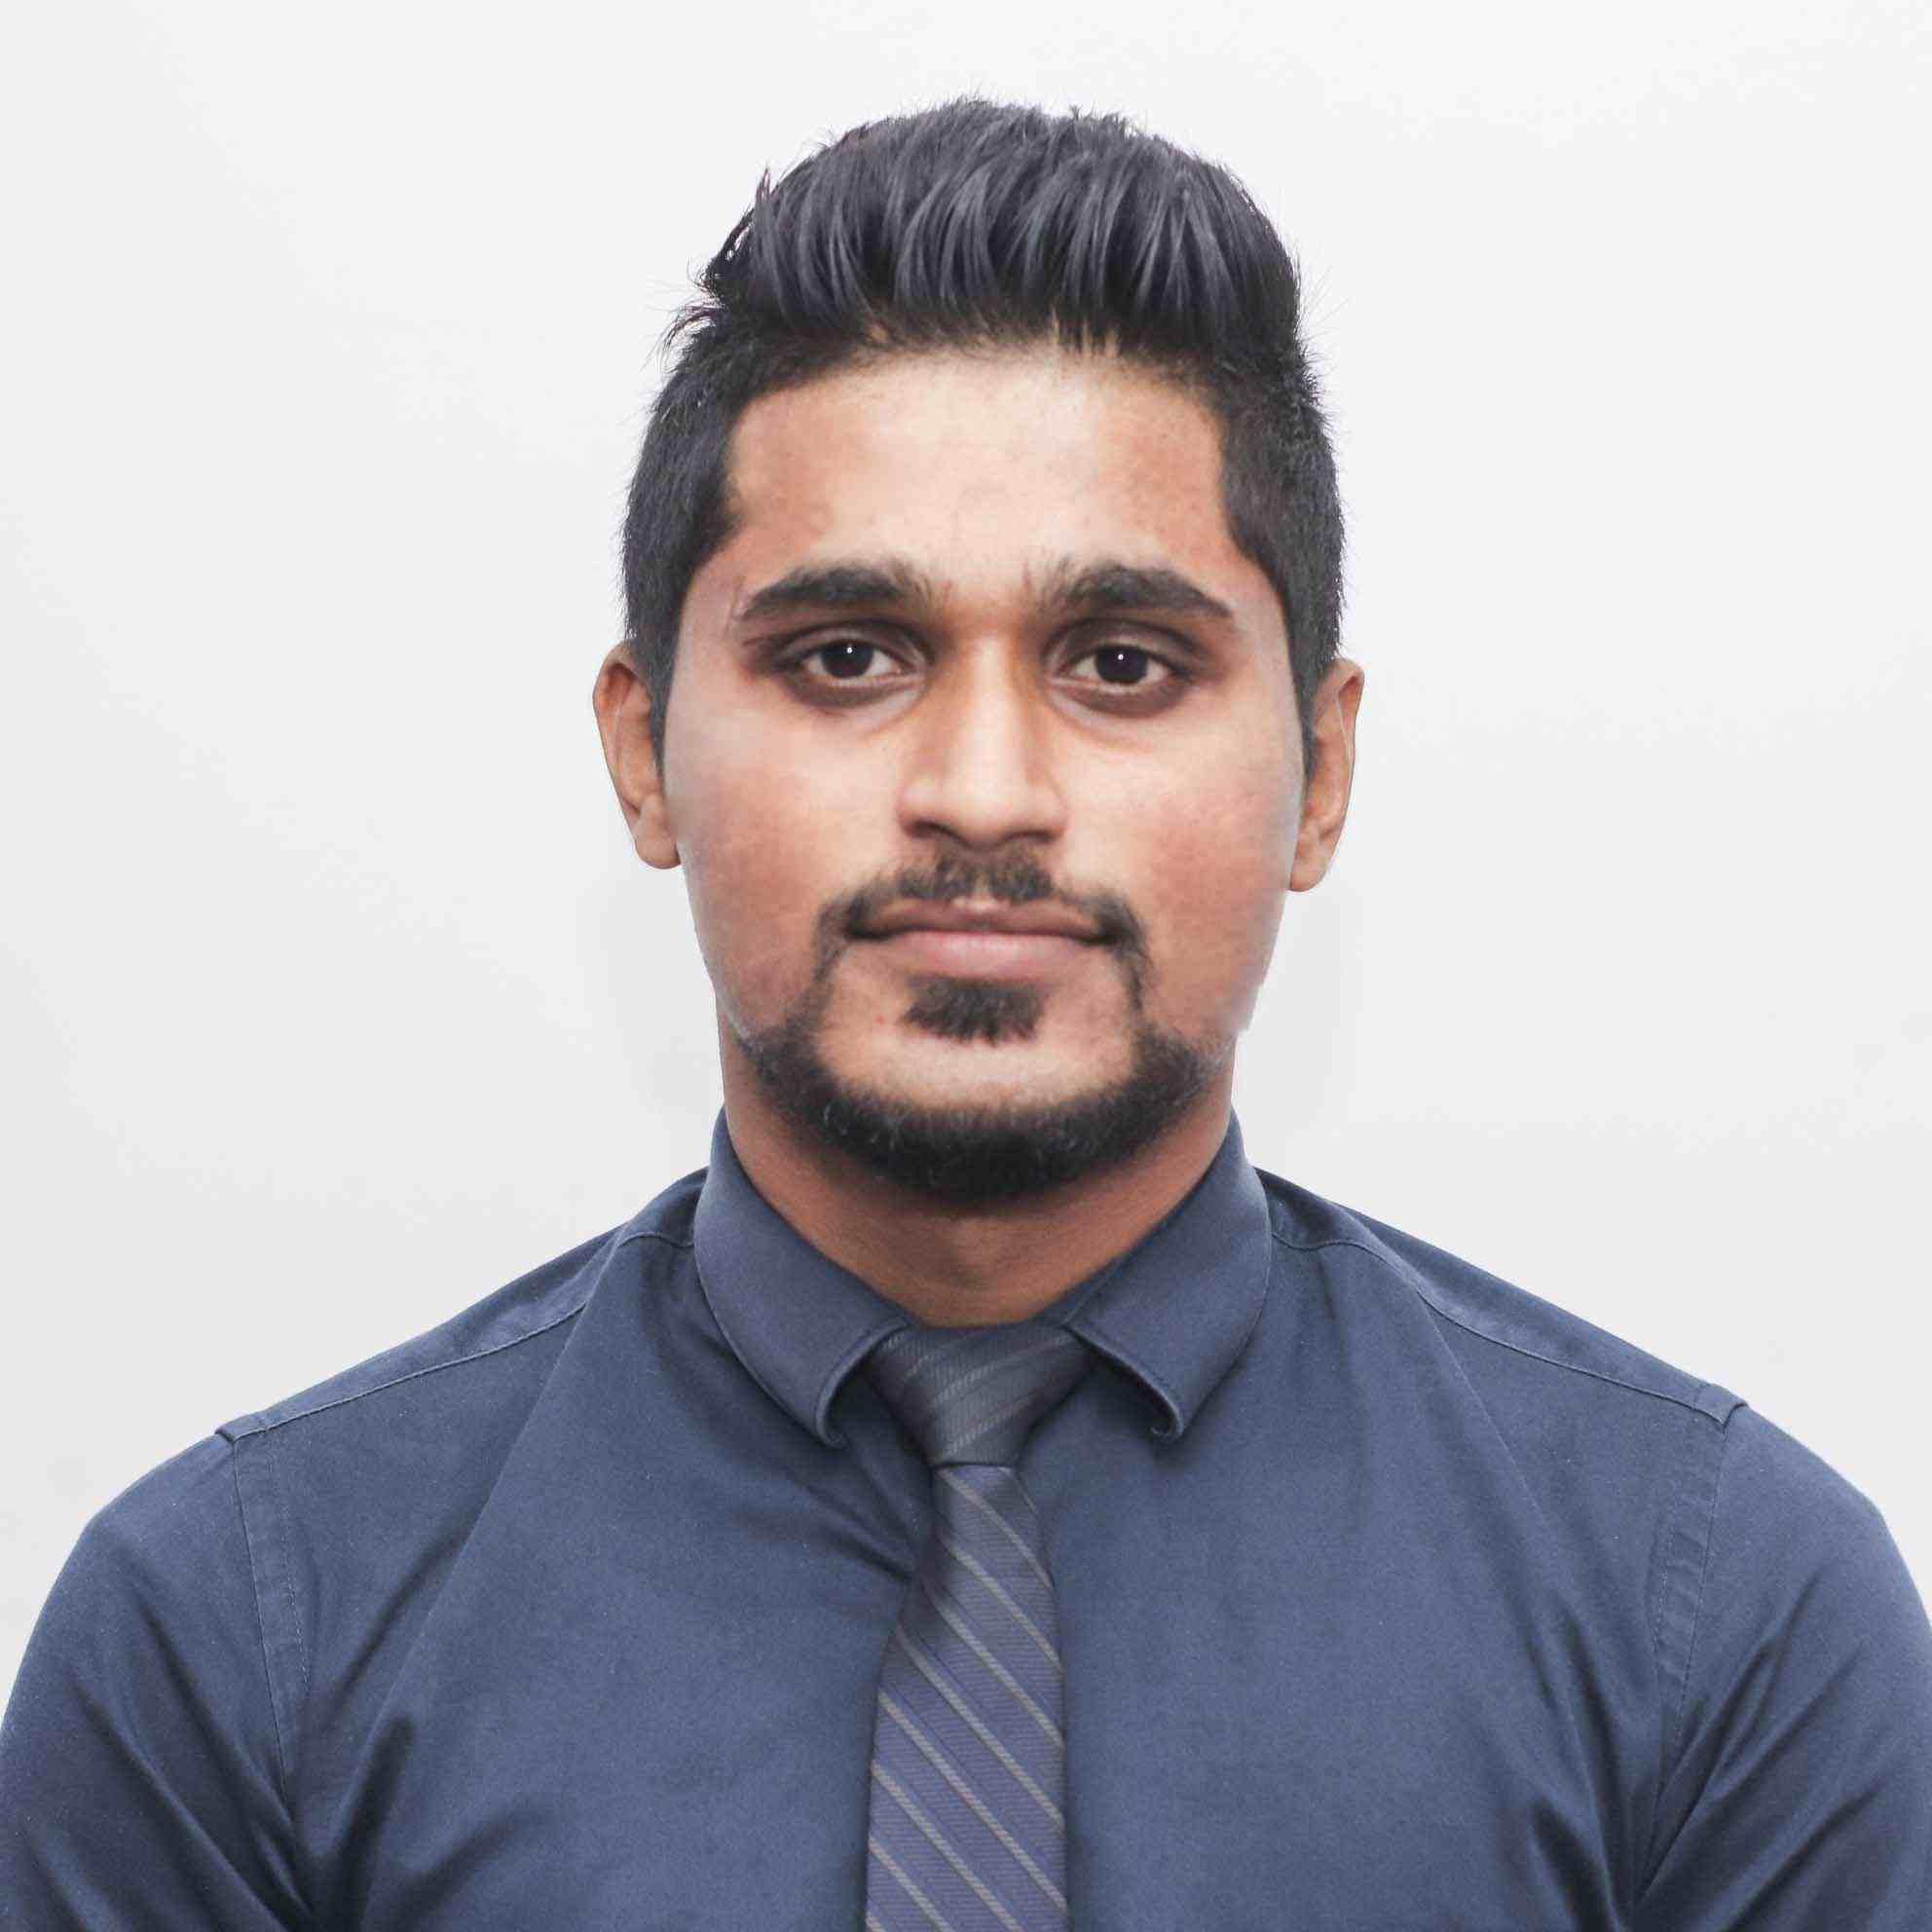 Mr. Sahan Karunaratne